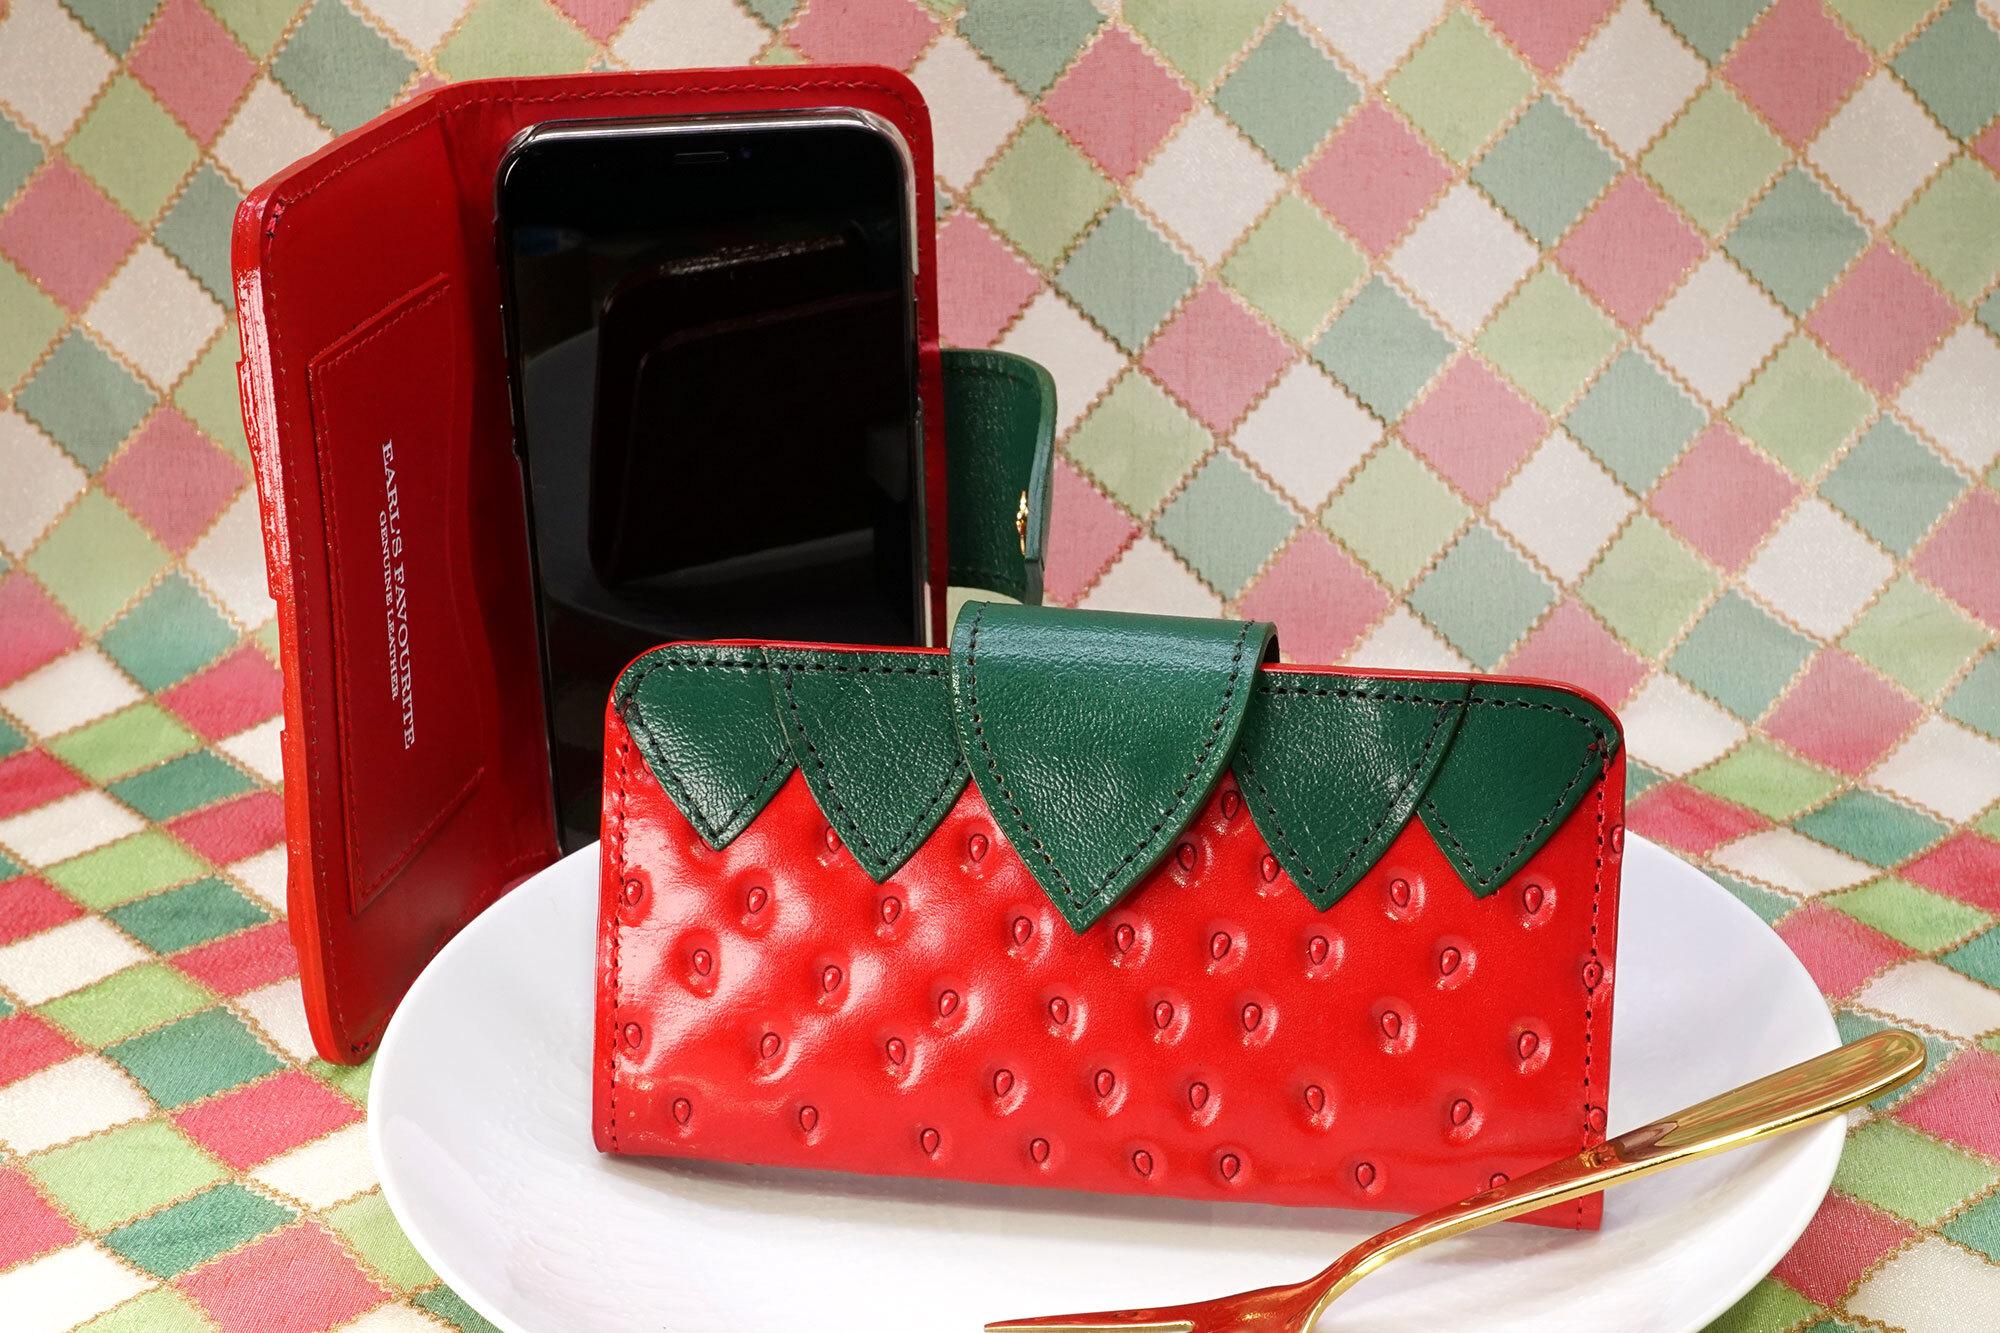 ヘタ付きいちごなスマホケース(Mサイズ)iPhone 8 X Xsなど多機種対応